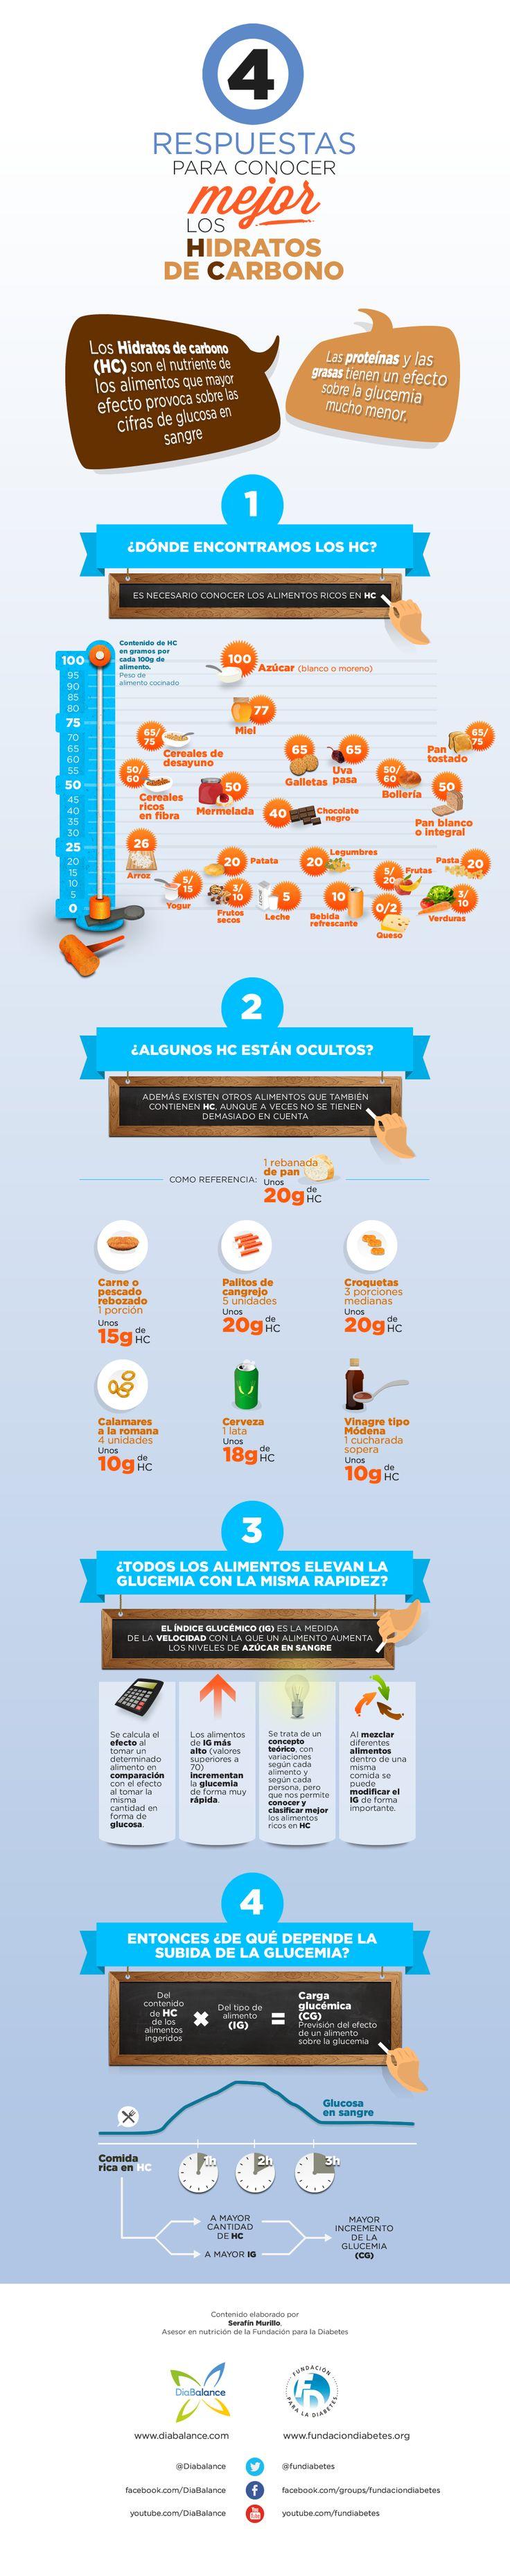 Infografía: 4 respuestas para conocer mejor los hidratos de carbono